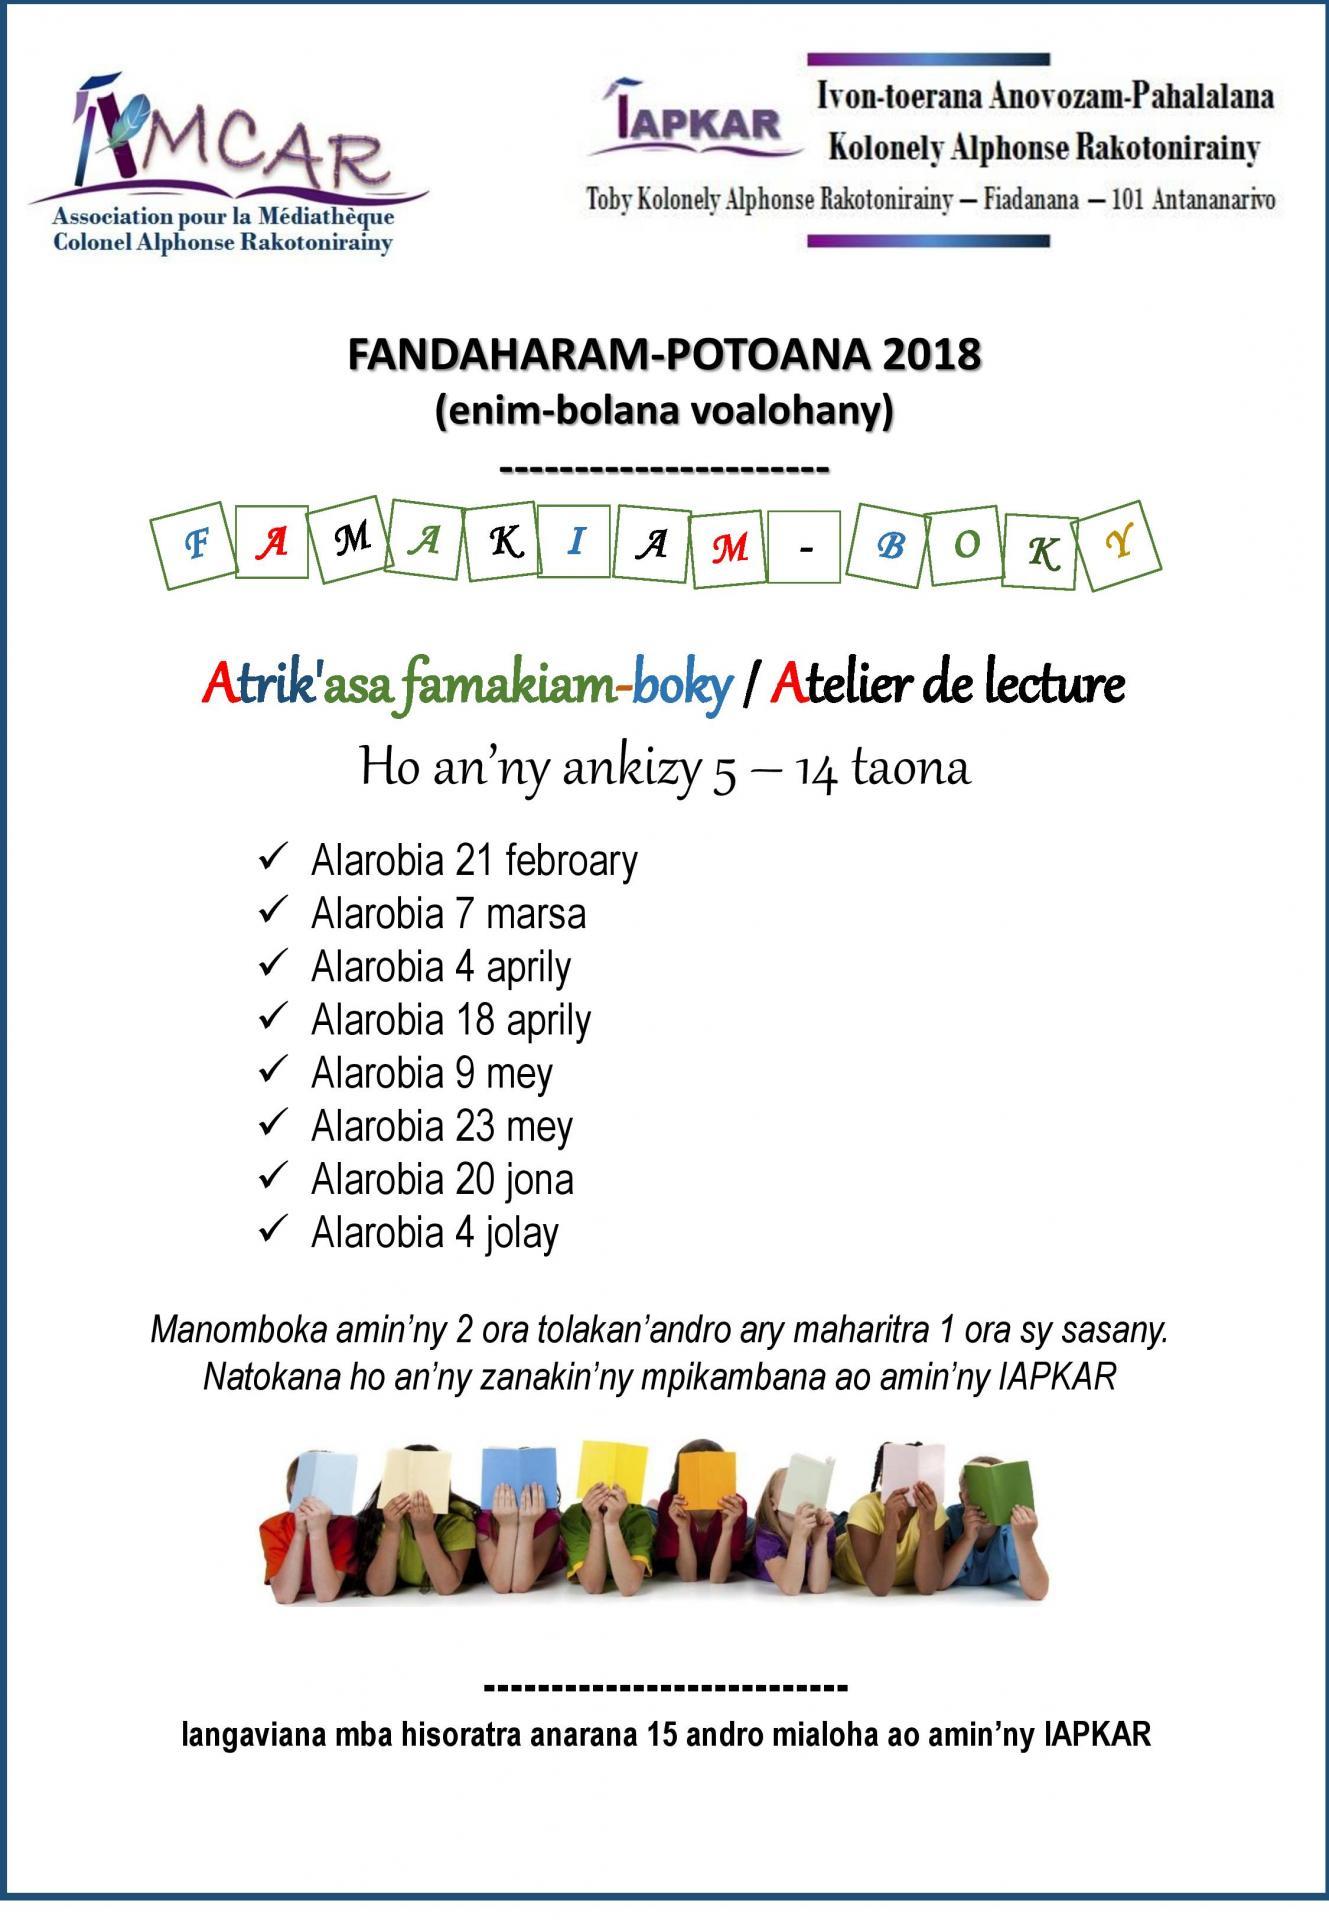 Affiche ateliers lecture 2018 1 amcar